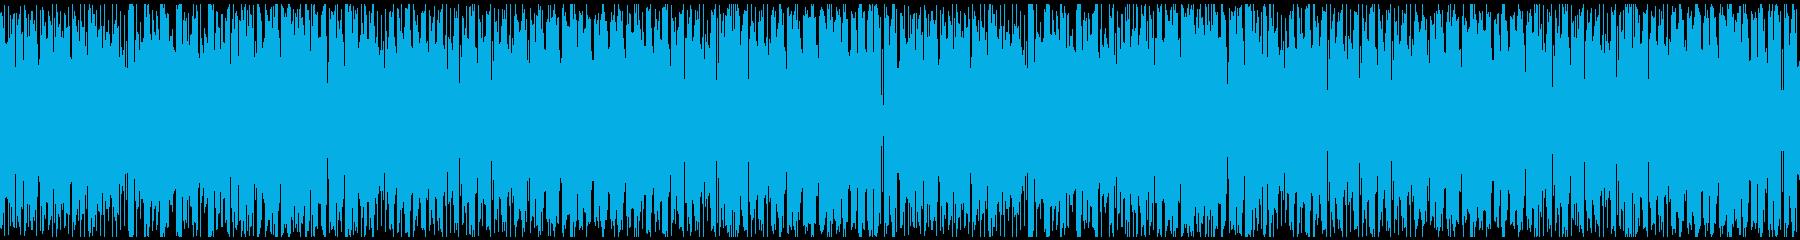 ポップで軽快なダブステップの再生済みの波形